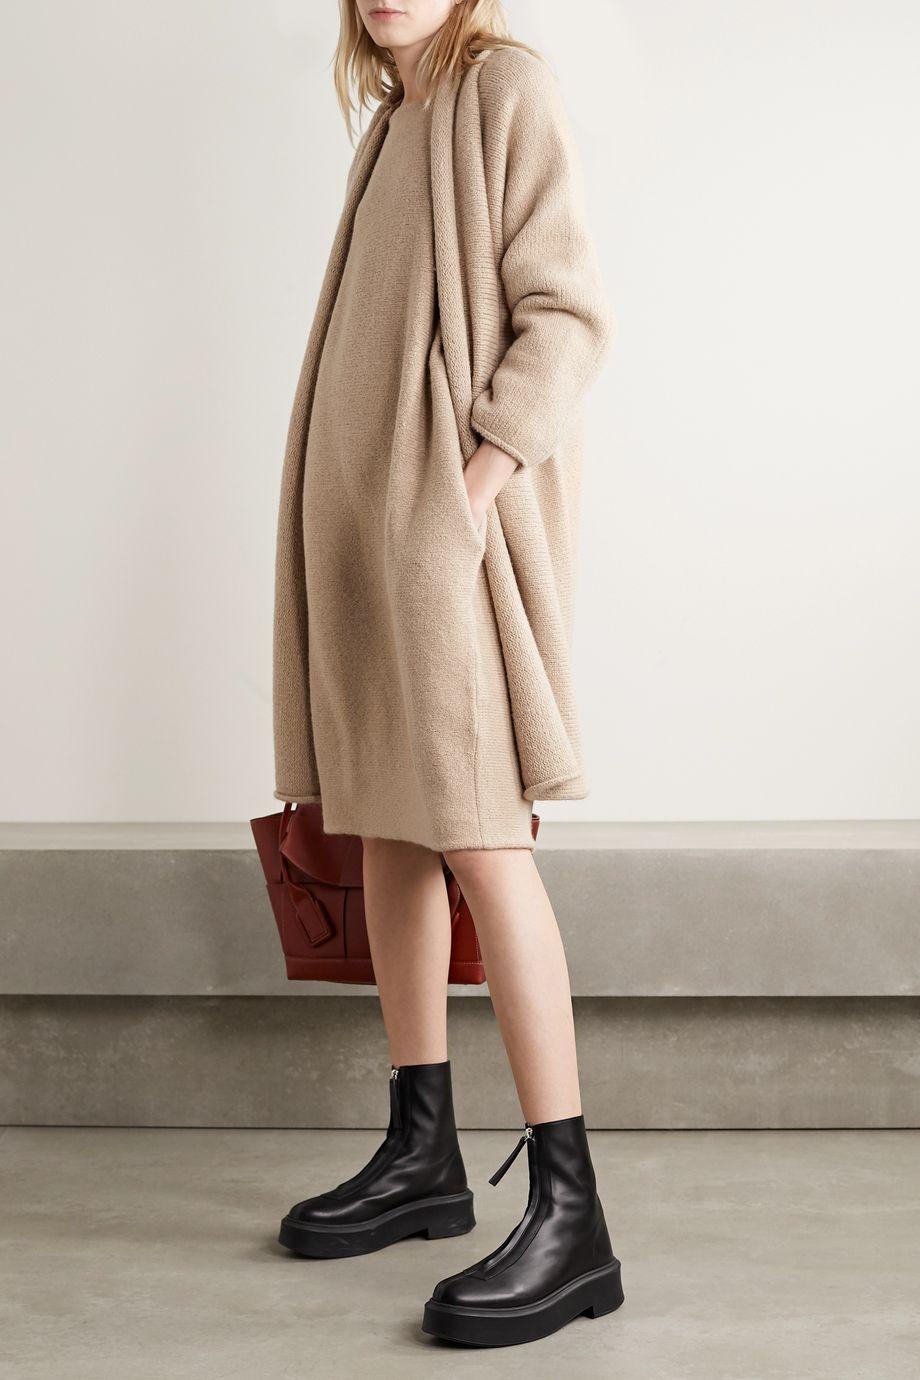 Lauren Manoogian Alpaca dress